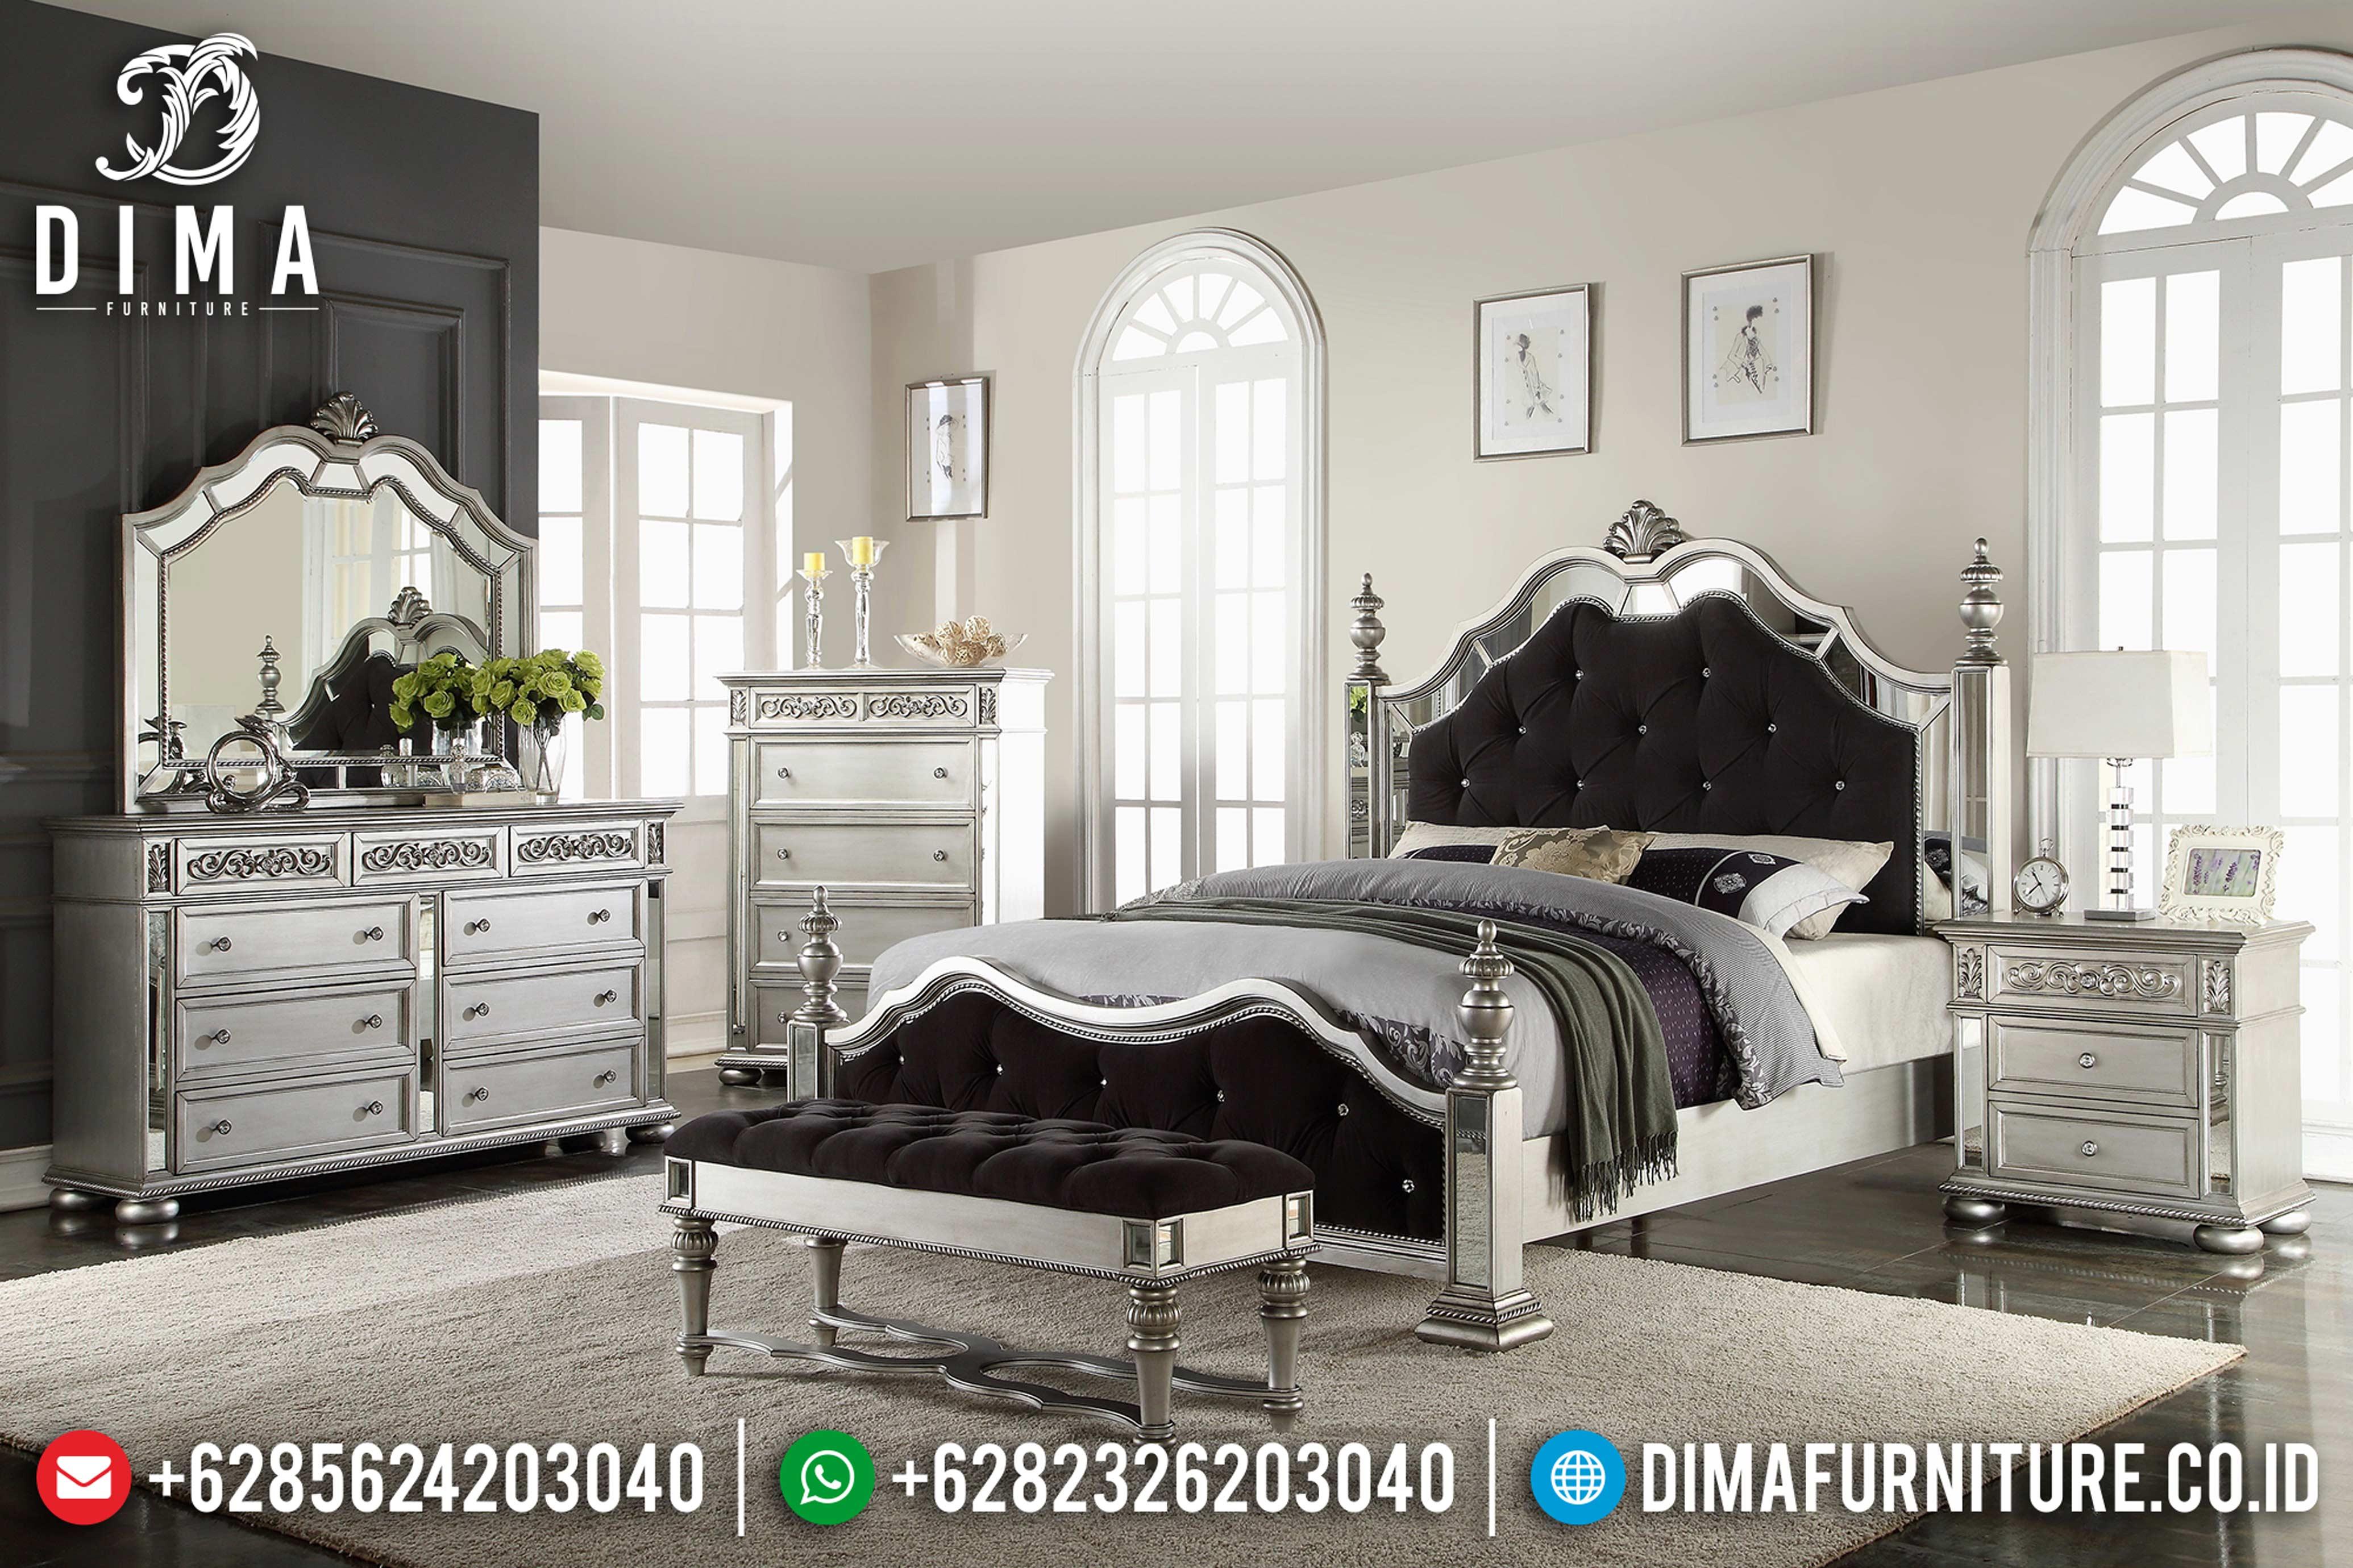 20+ Tempat Tidur Jepara Mewah Dan Minimalis Pilihan Tahun 2019 014 Dima Furniture Jepara